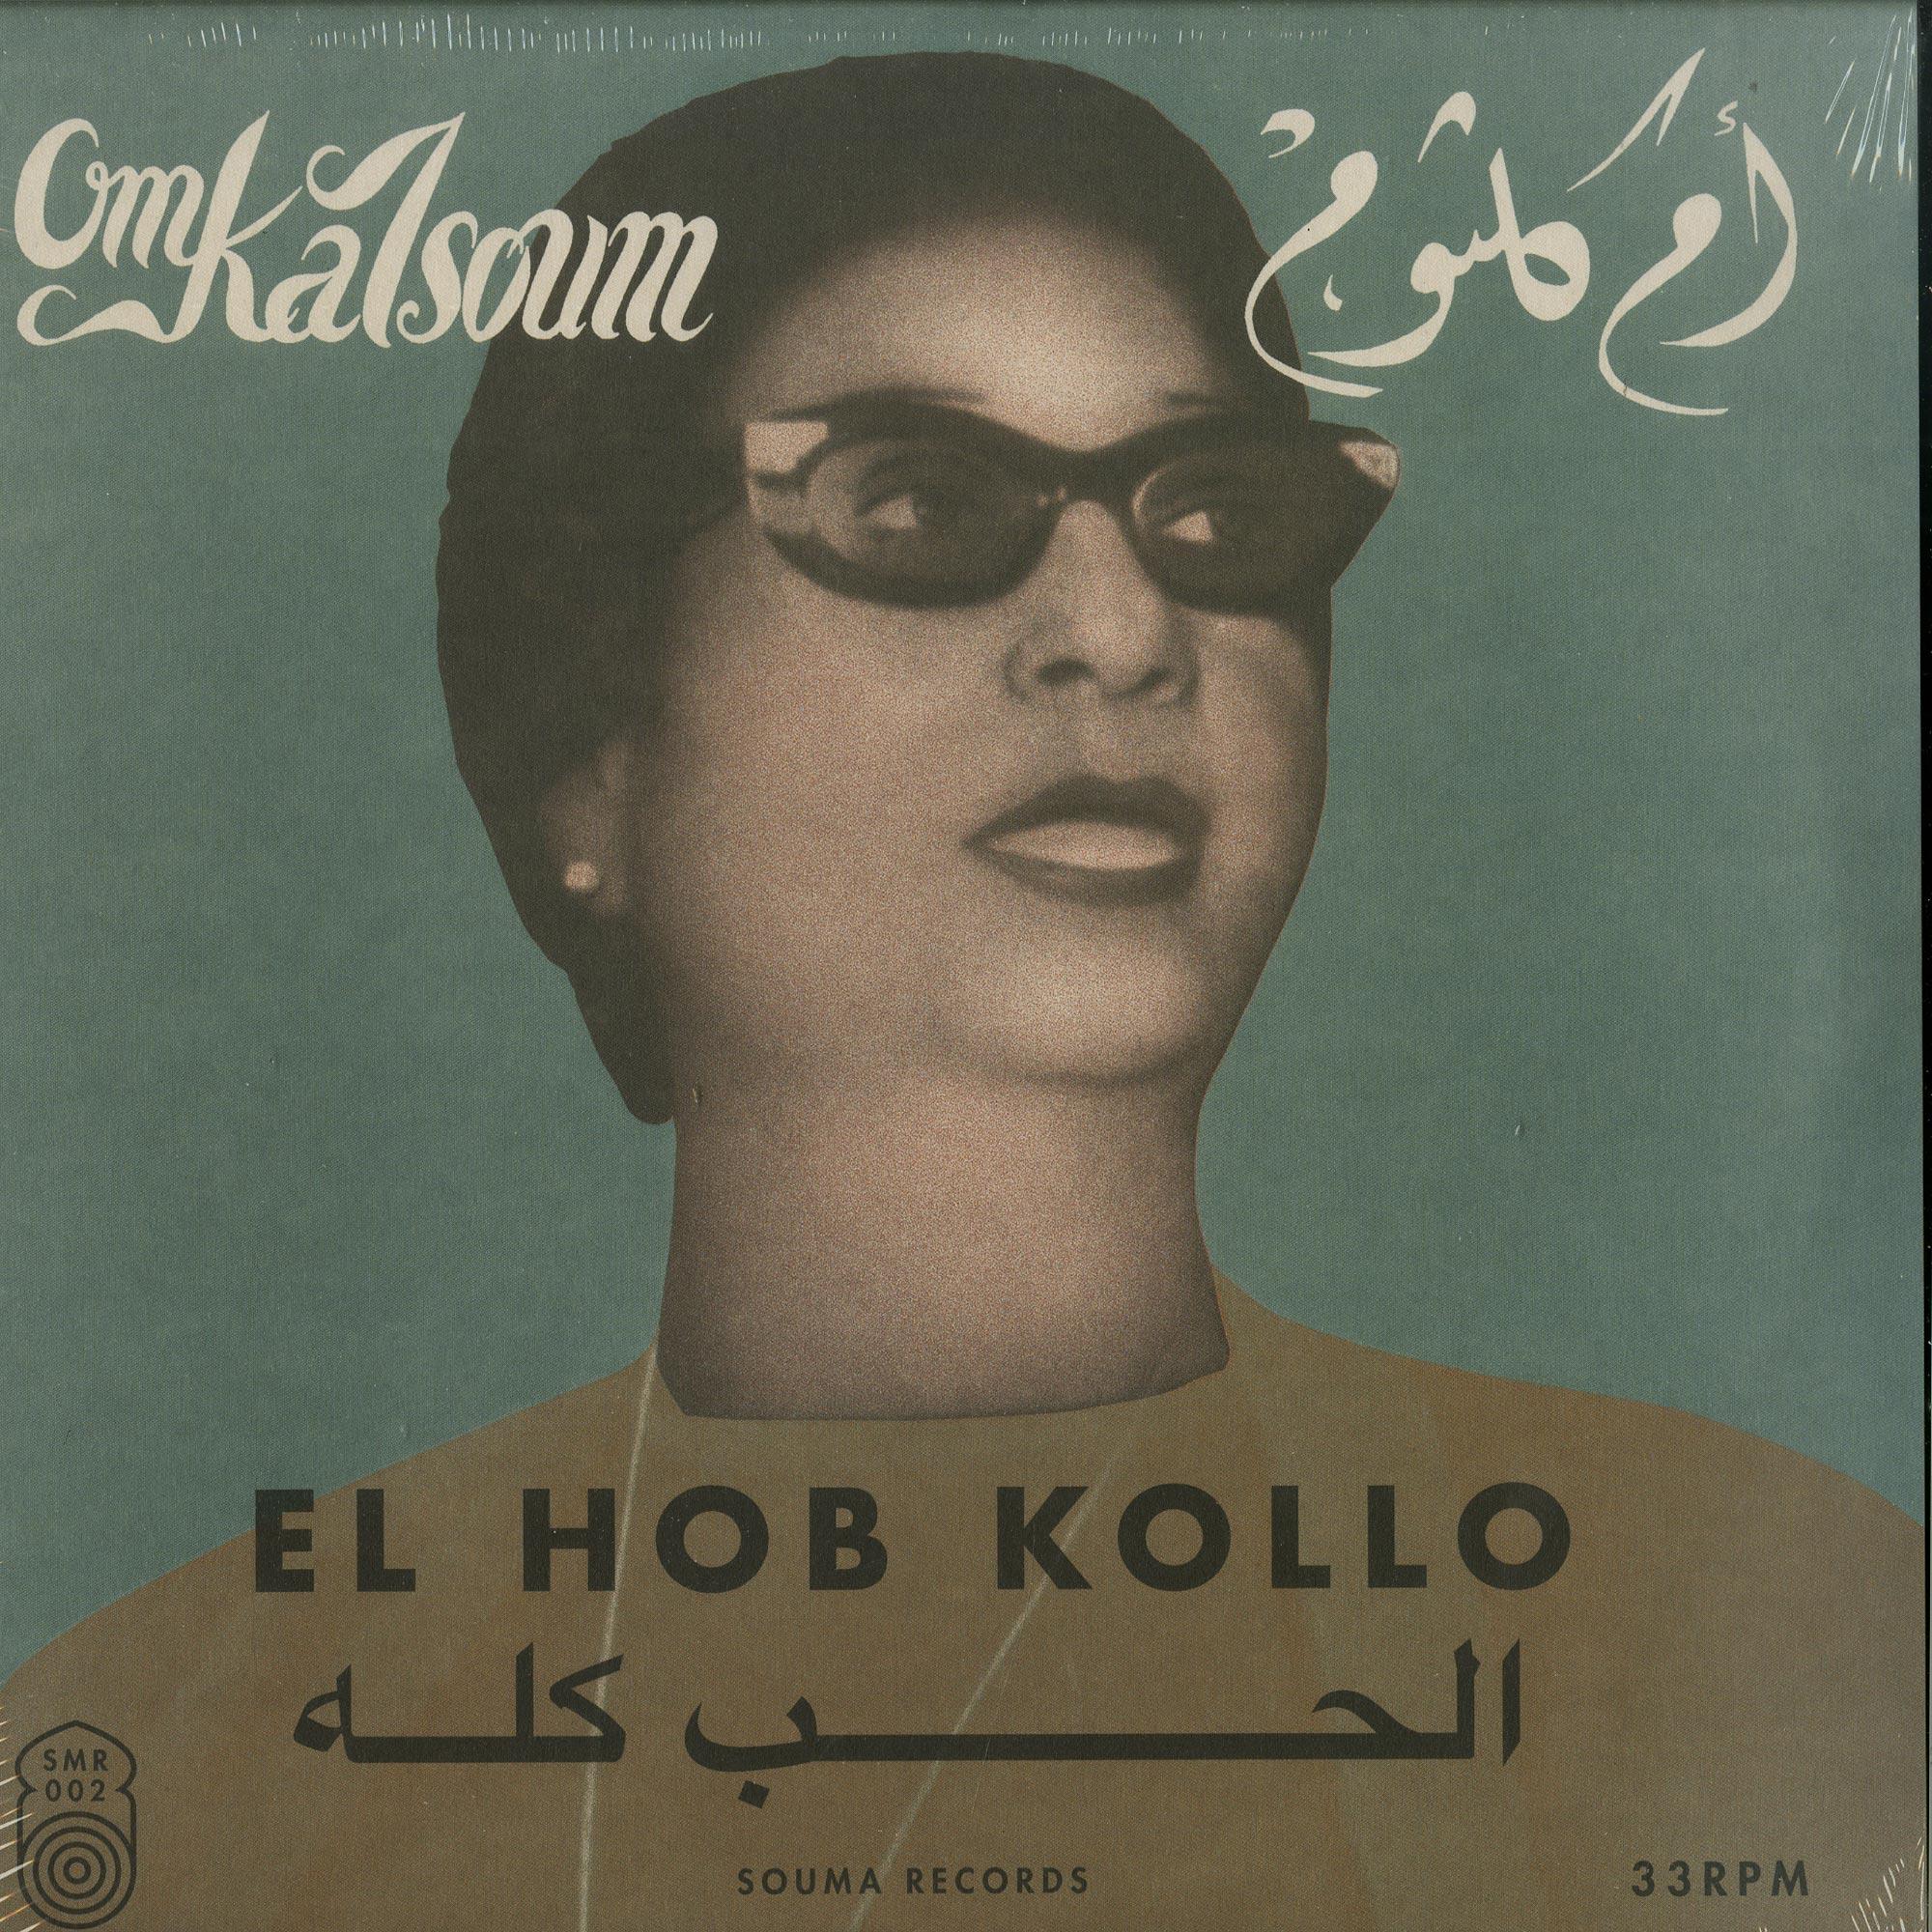 Om Kalsoum - EL HOB KOLLO